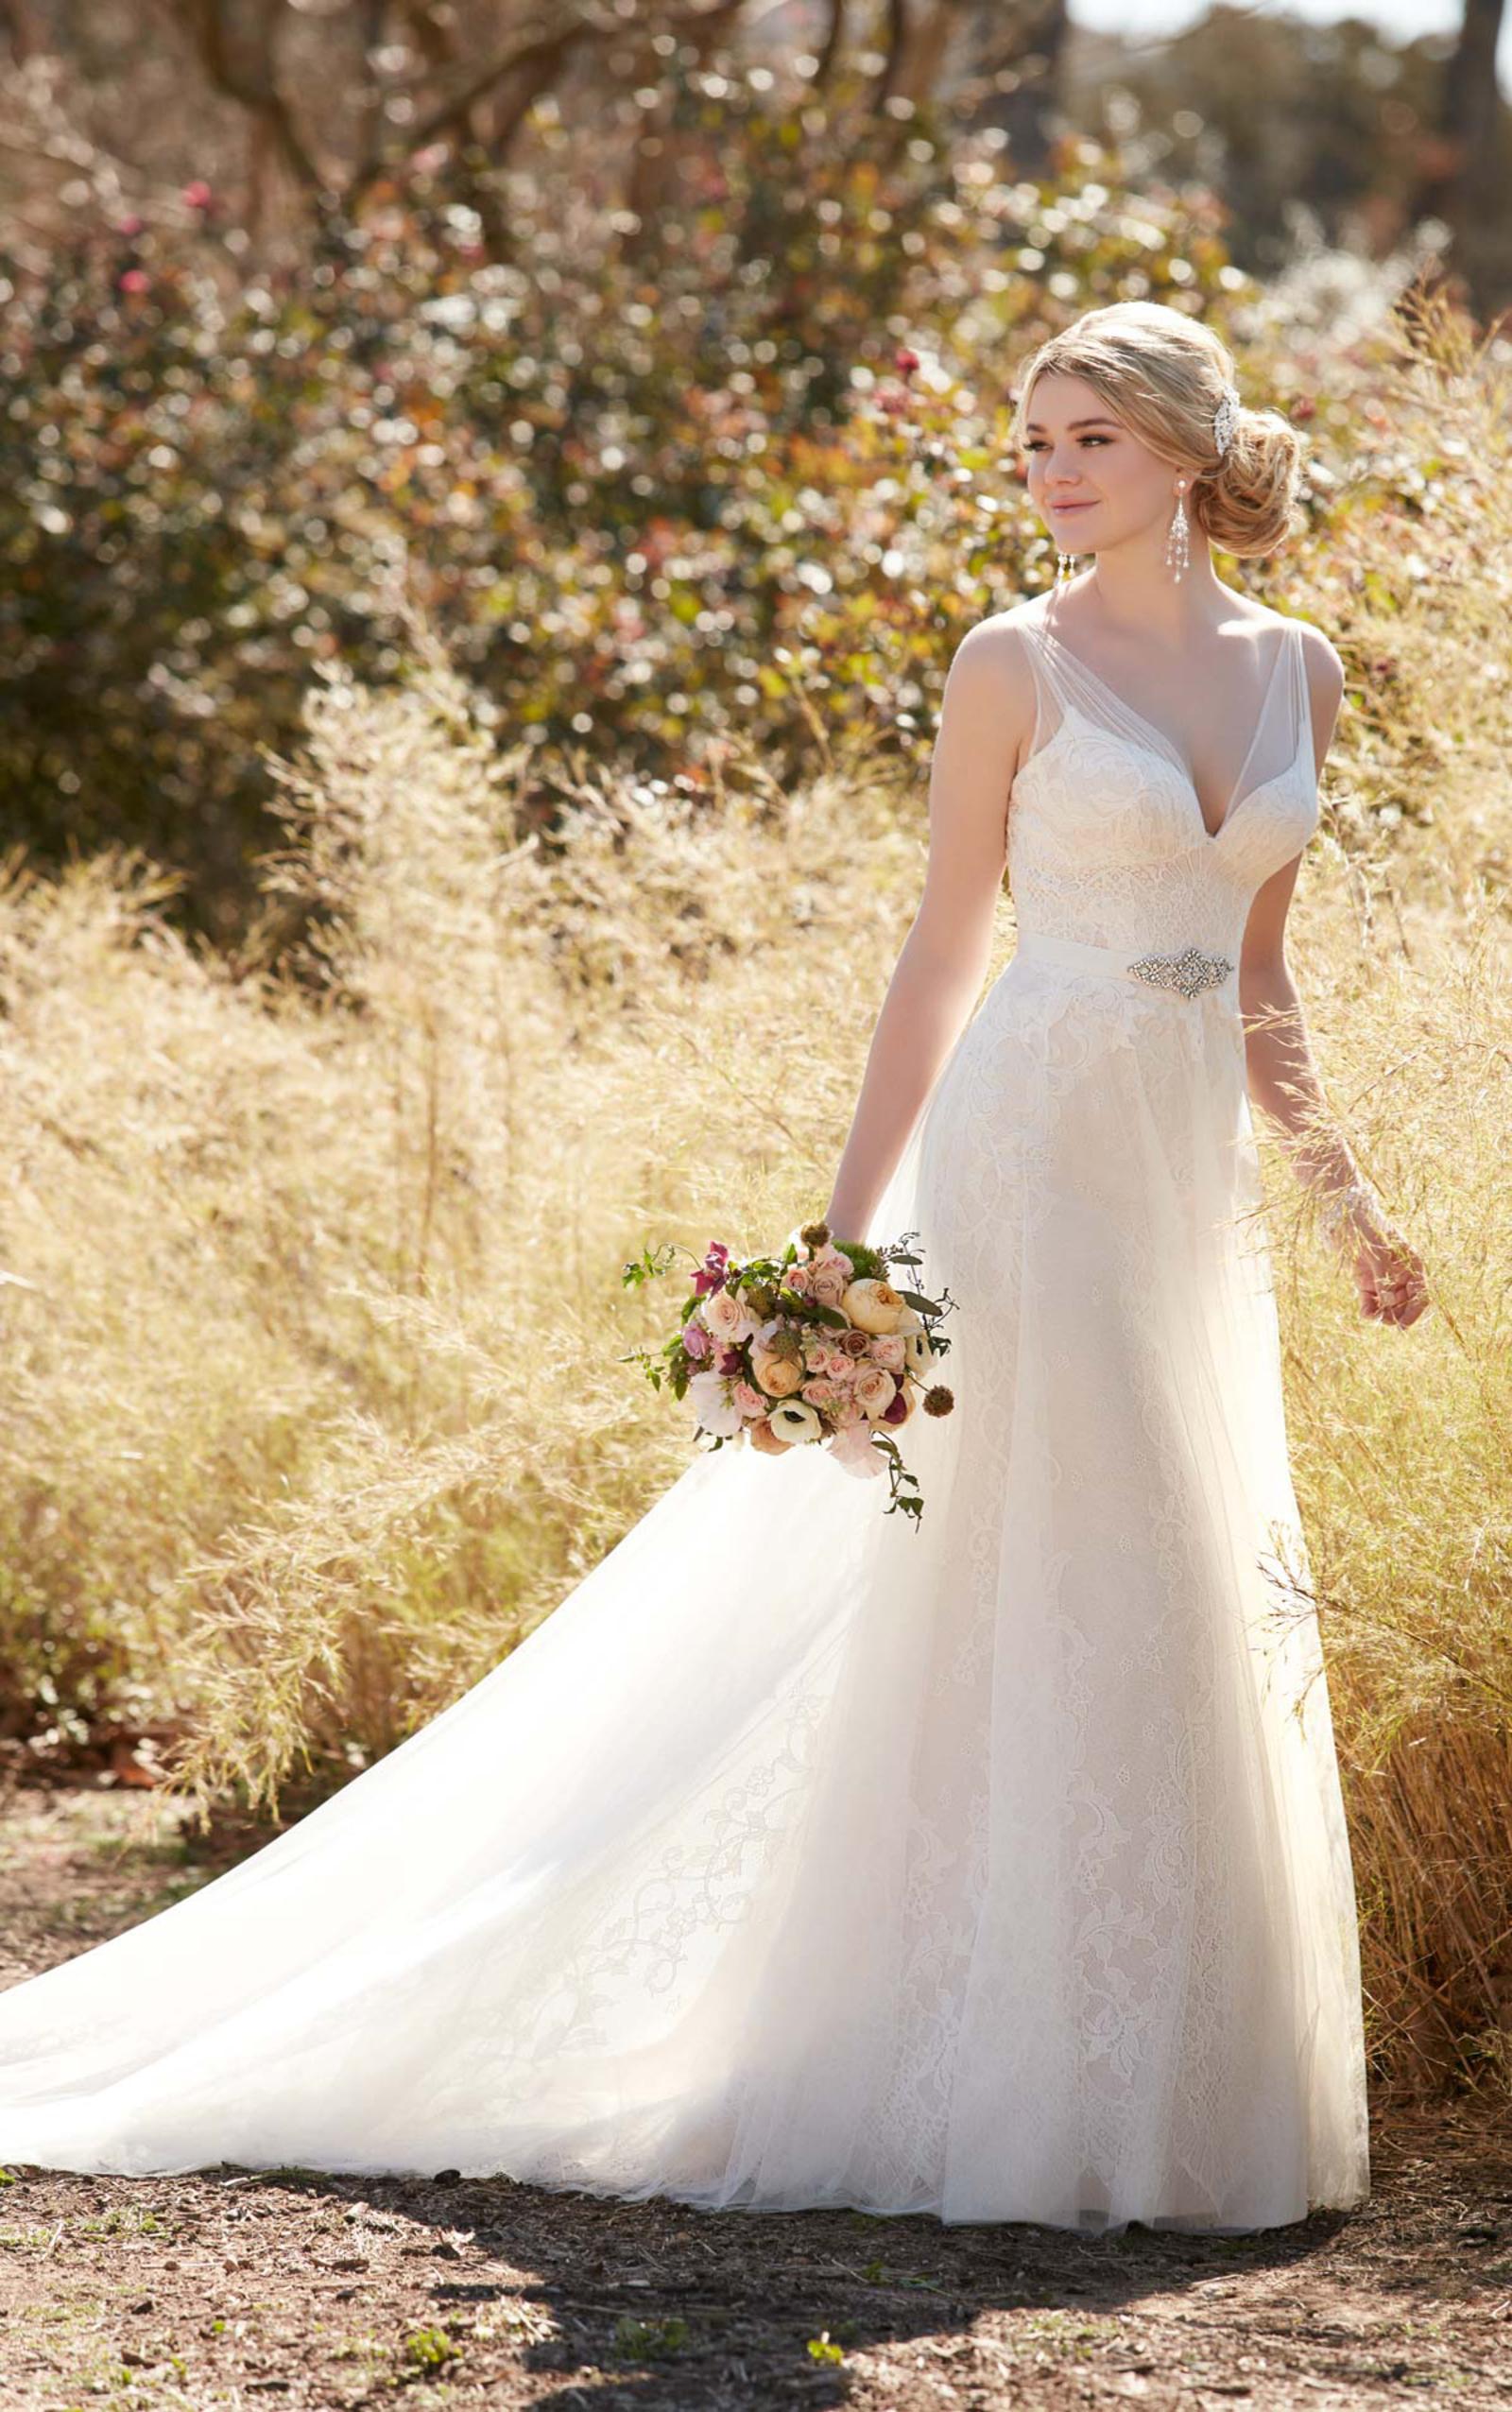 Ausgezeichnet Hochzeitskleid Kanada Ideen - Hochzeit Kleid Stile ...